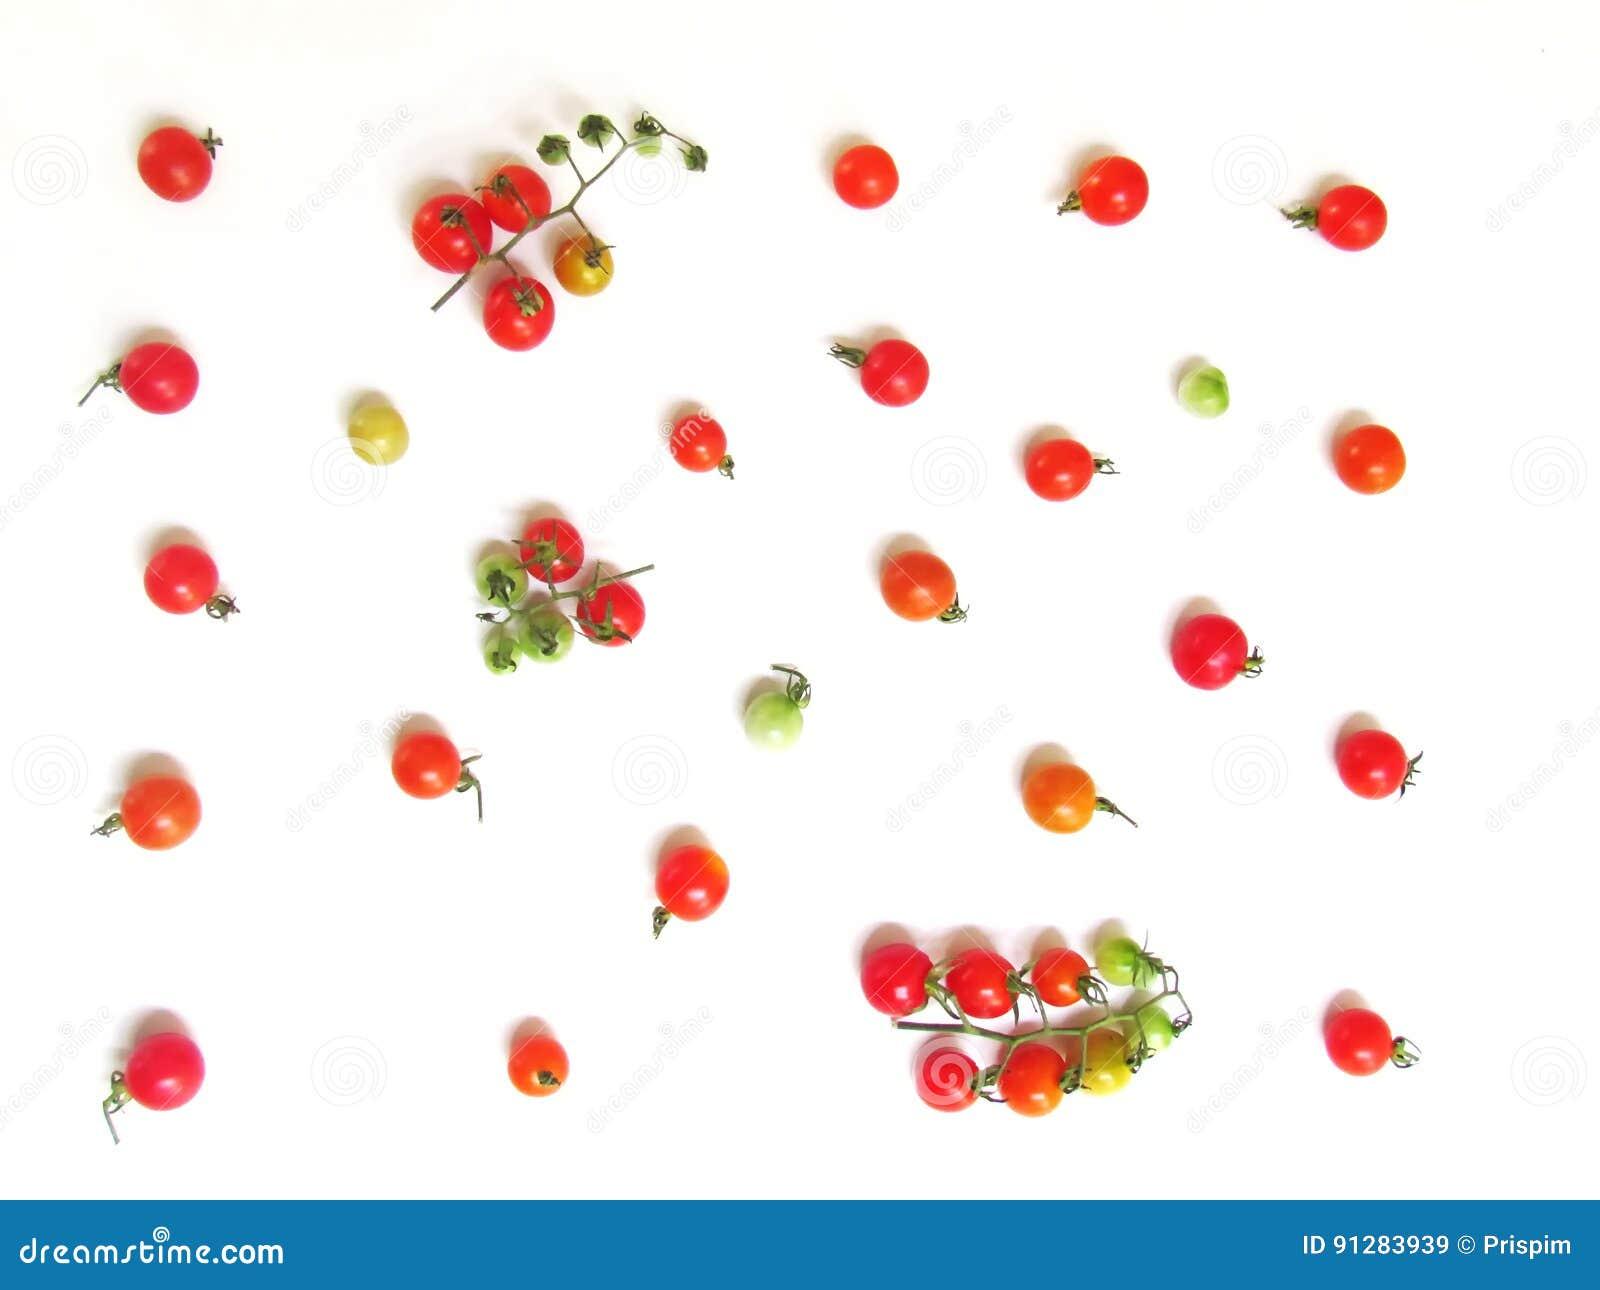 Nya tomater i en variation av färger för tapet